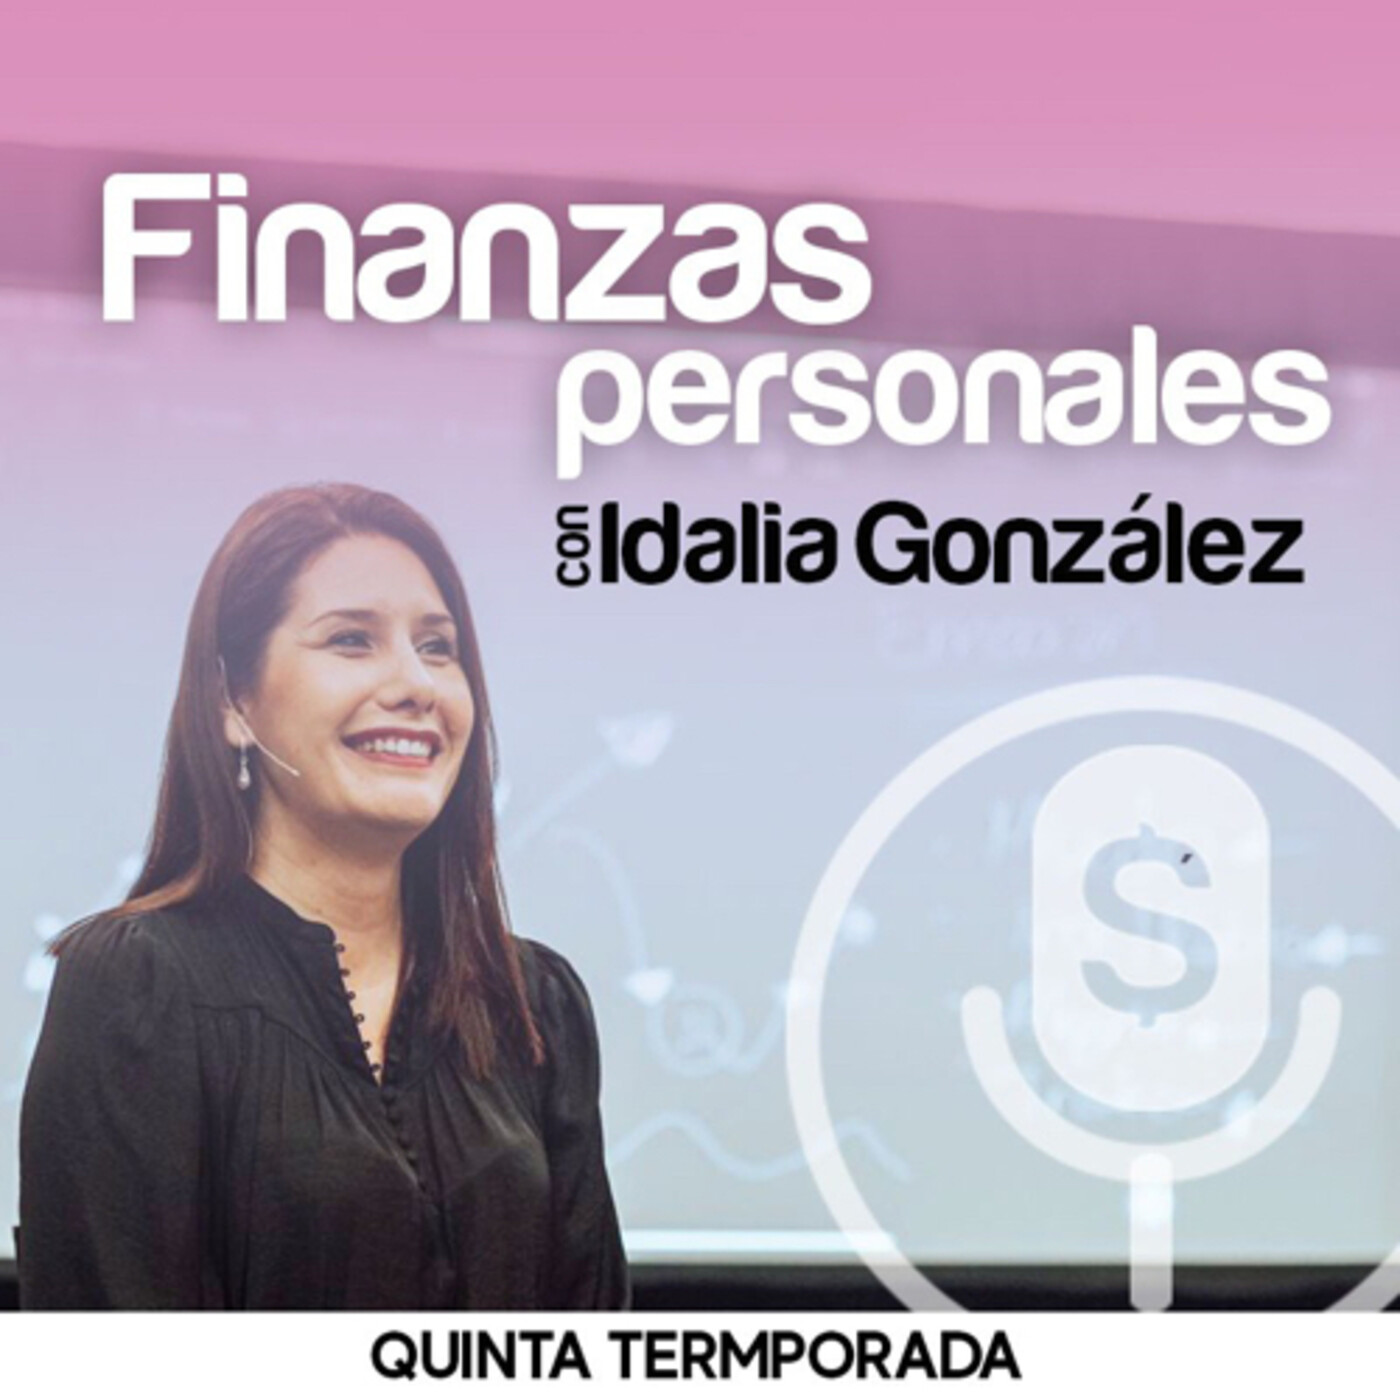 Finanzas Personales con Idalia González